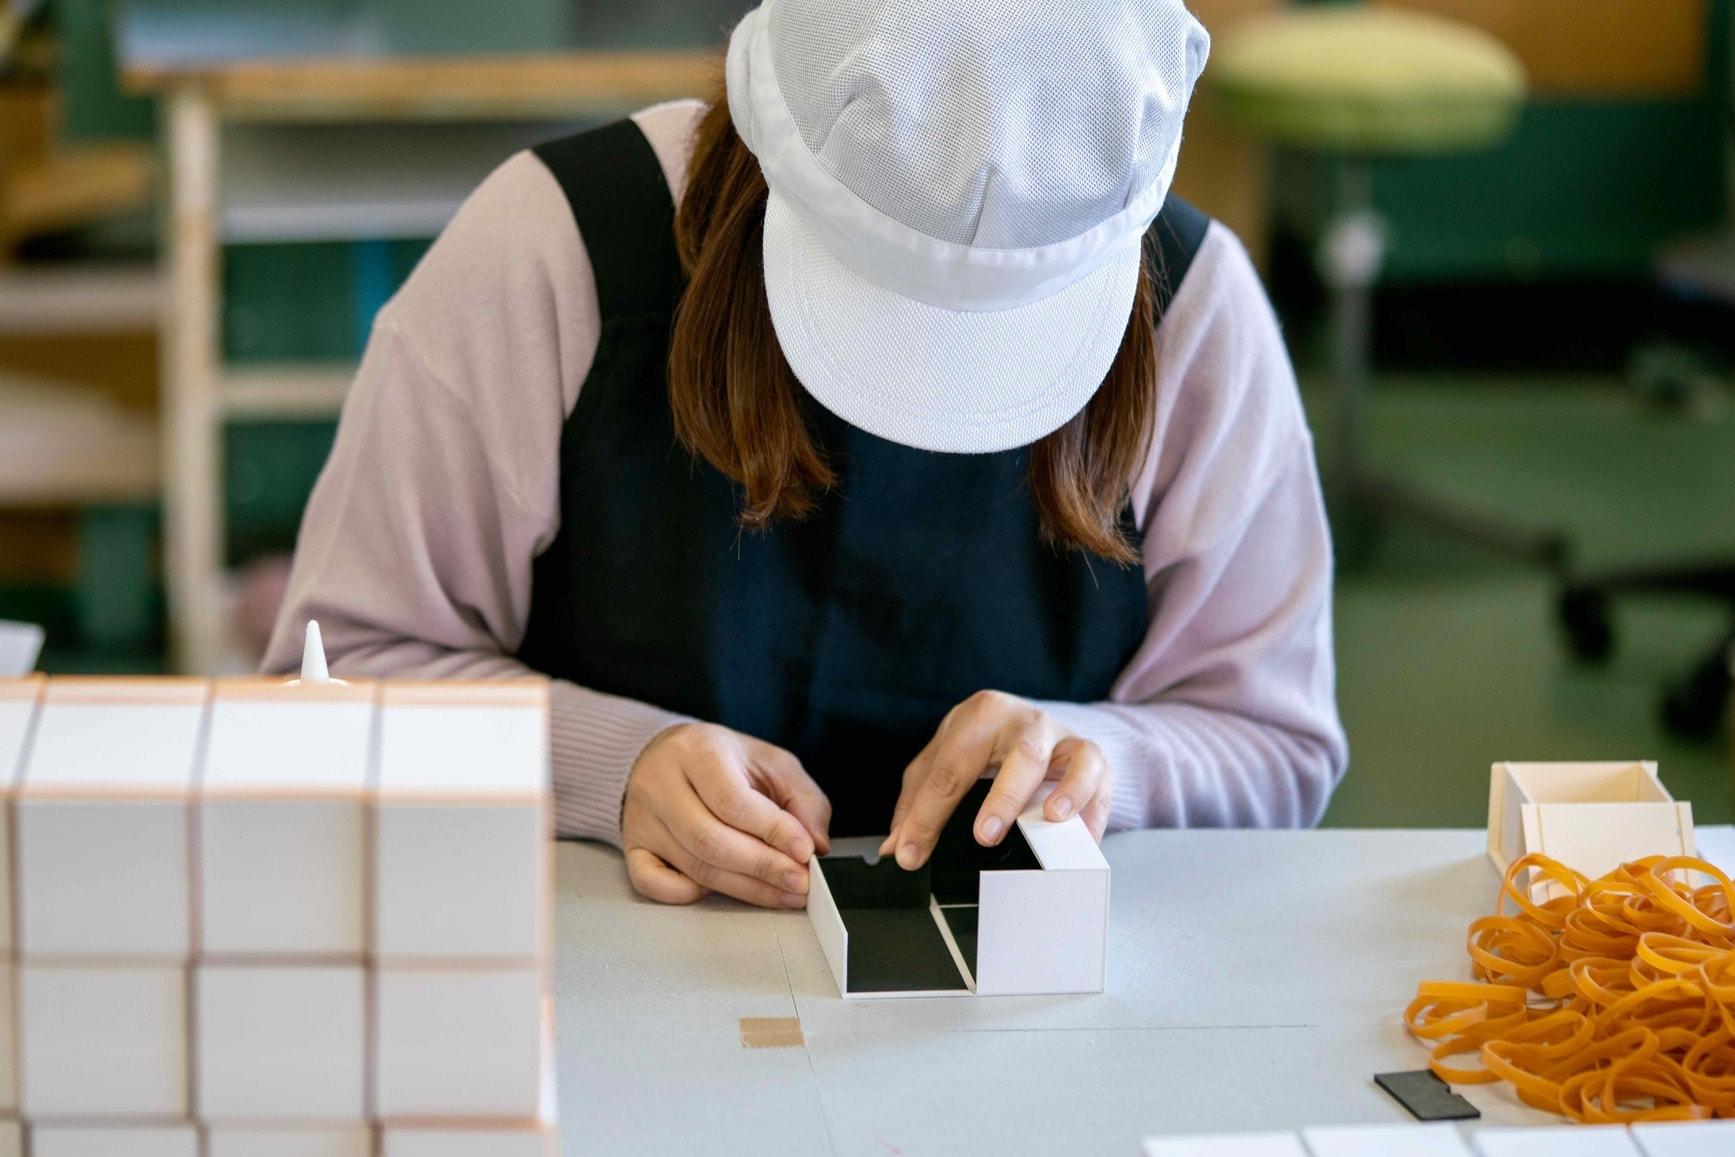 オリジナルパッケージを製造中のモリタ株式会社の工房風景,紙箱を丁寧に手作りする